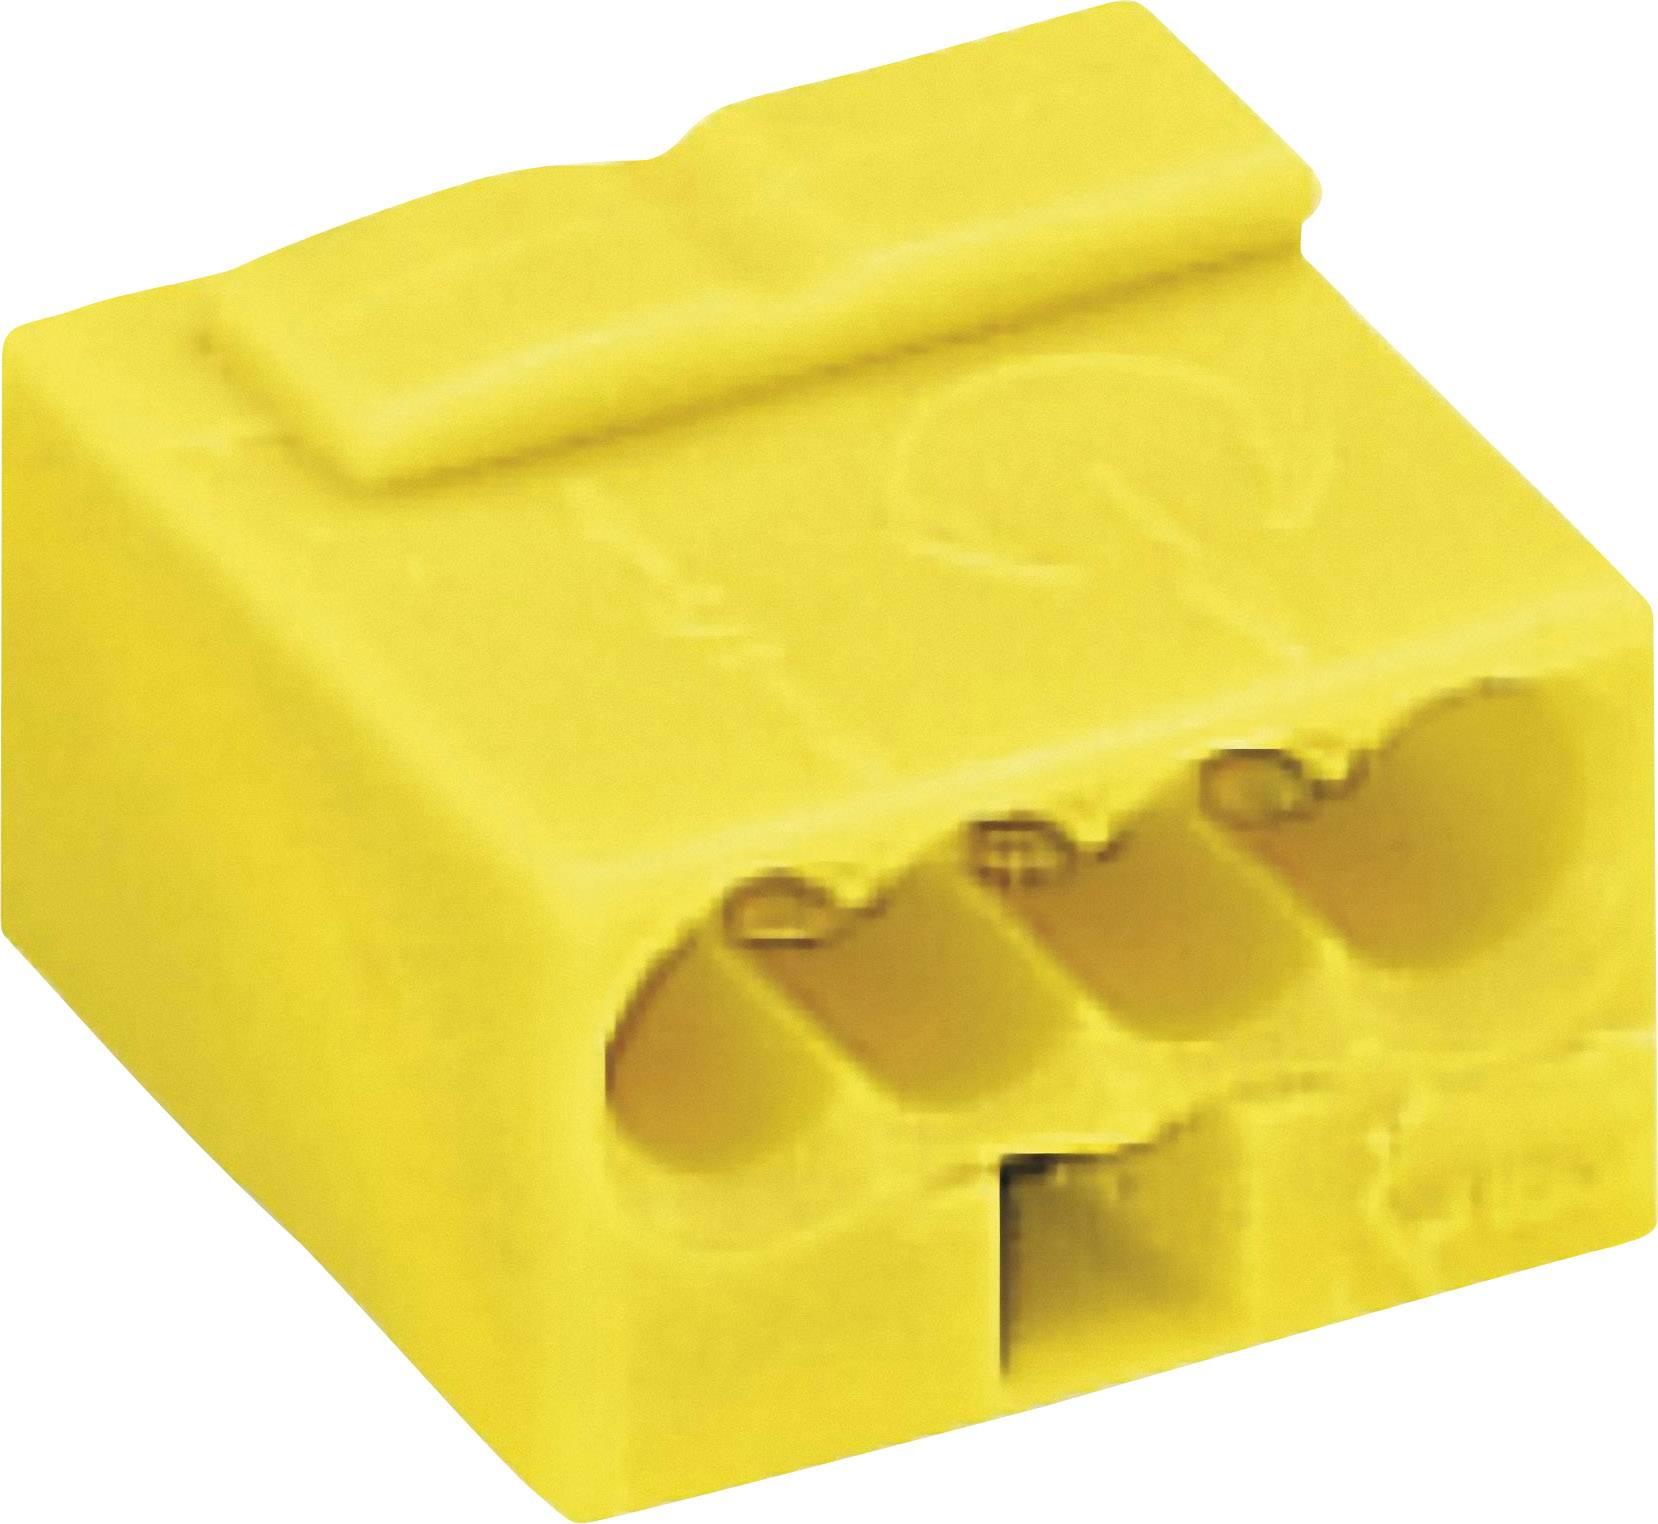 Krabicová svorka WAGO na kábel s rozmerom 0.6- , pólů 4, 1 ks, žltá